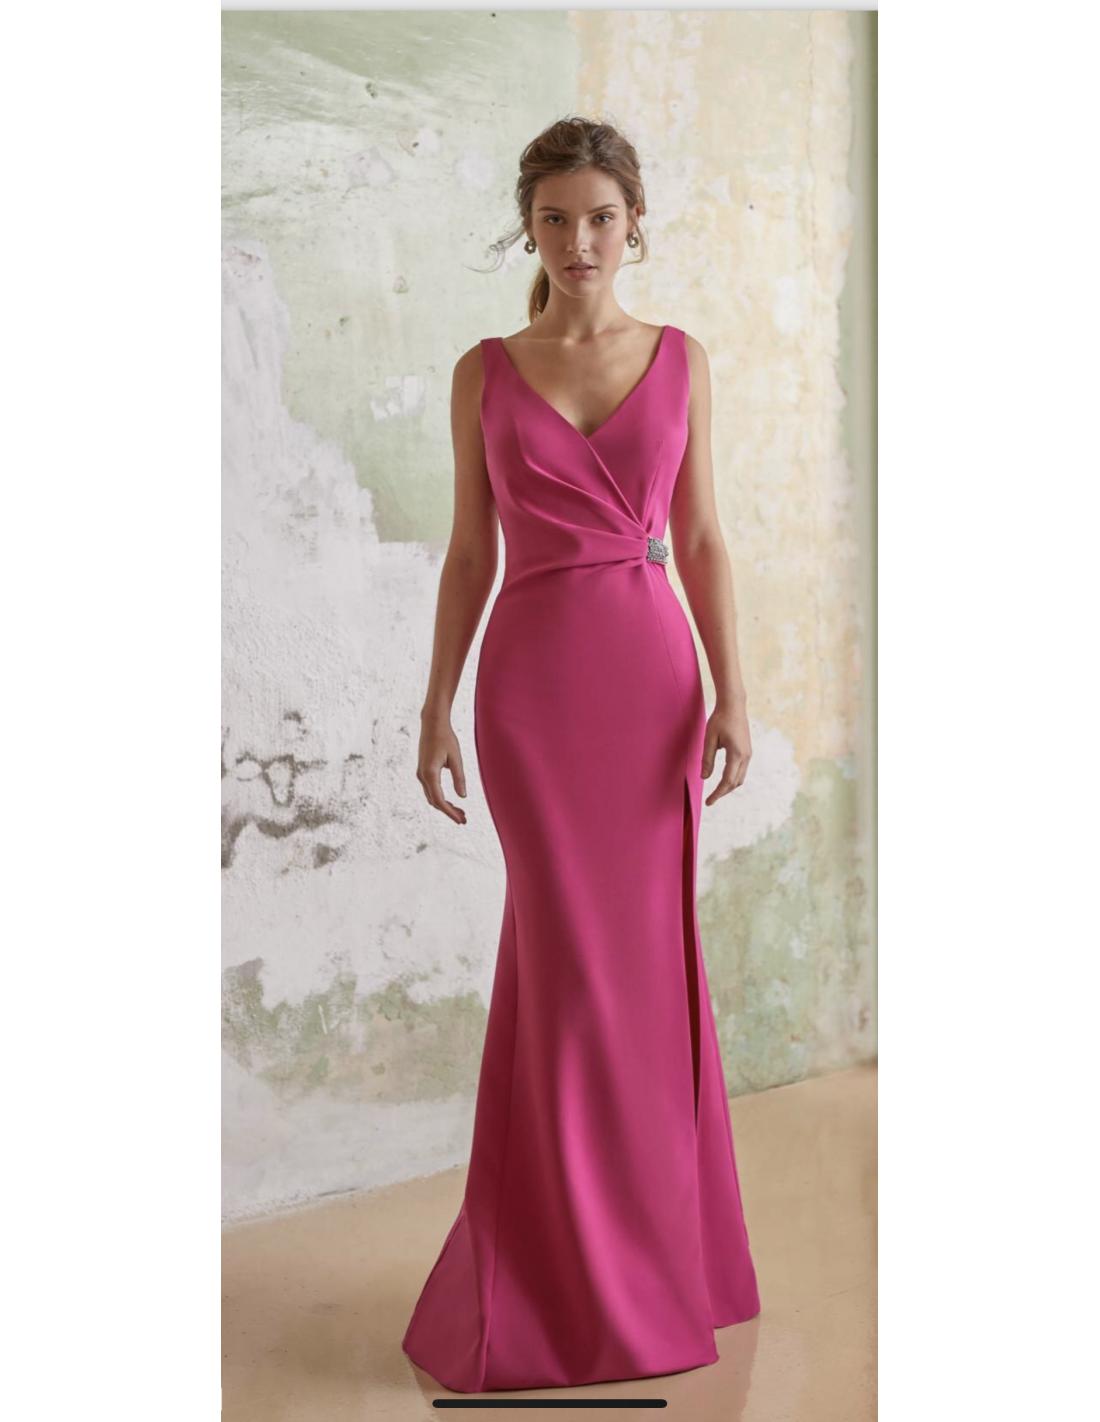 8c8b13306 Vestido Andrea - Precioso vestido en corte sirena y abertura lateral. Lleva  escote en V